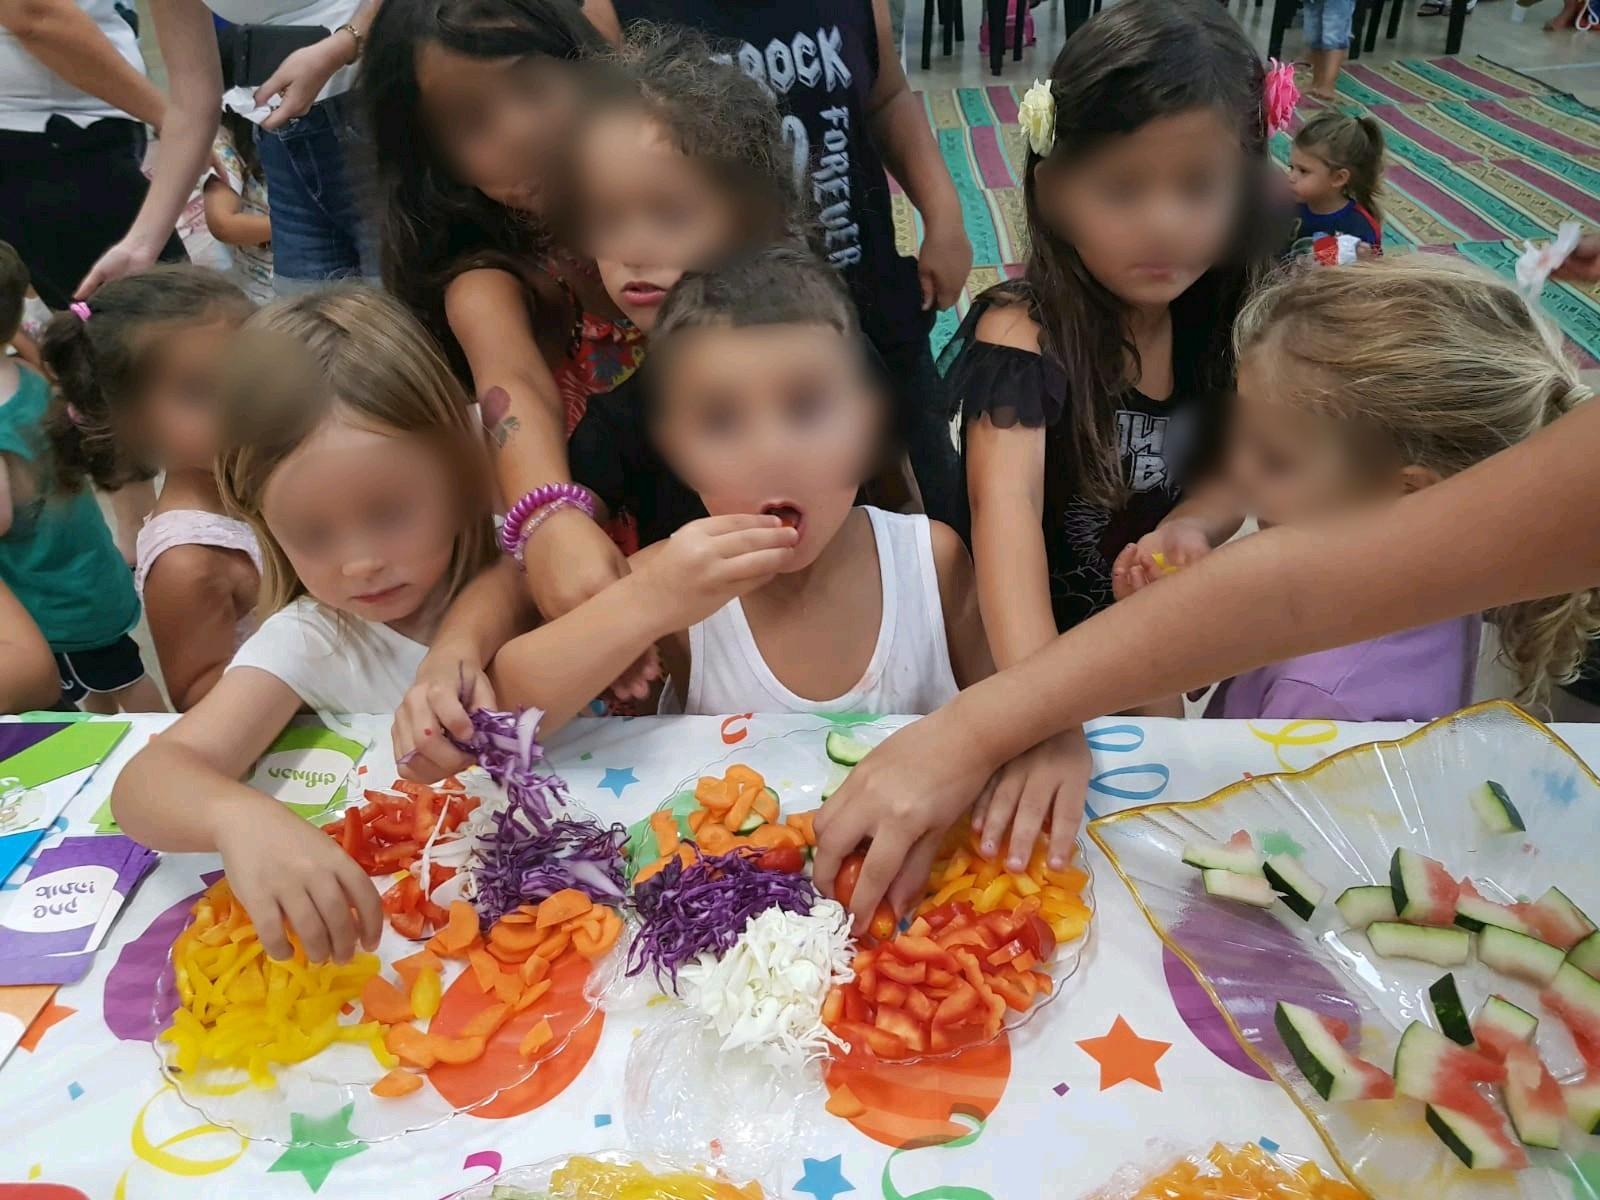 ילדים משחקים ואוכלים ירקות ופירות בהנאה